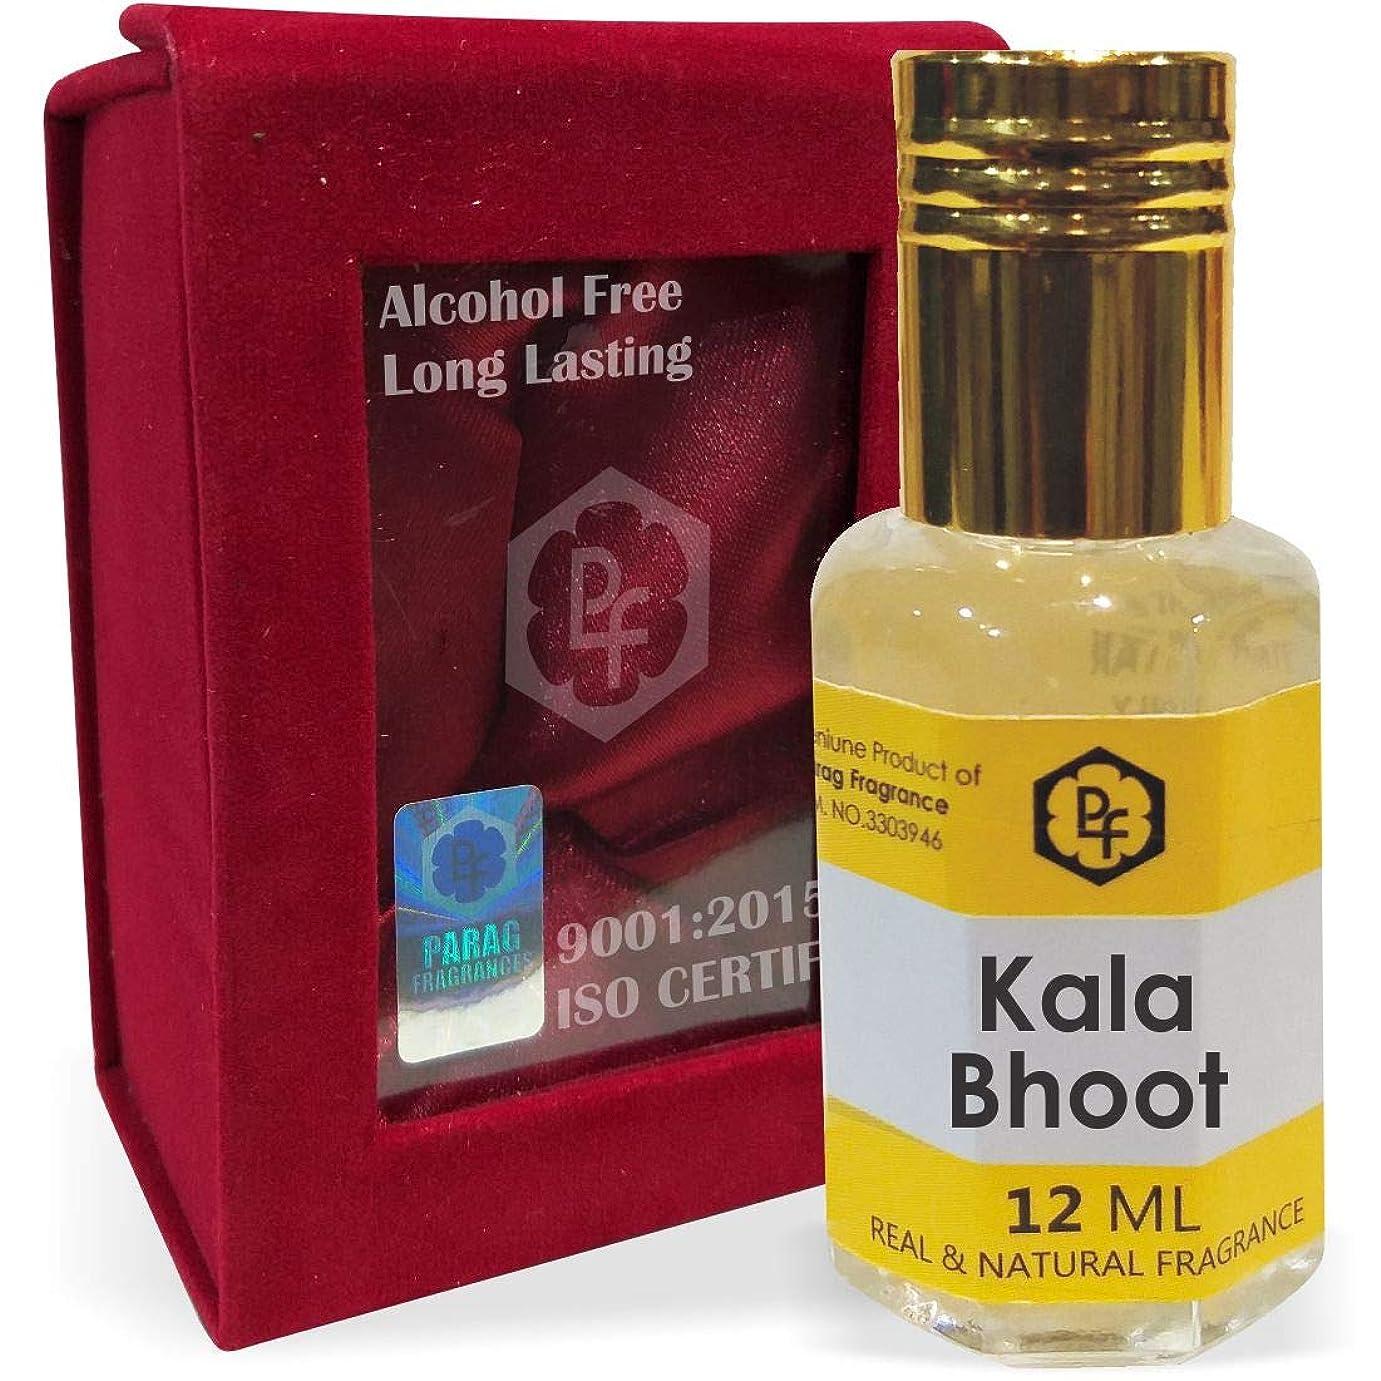 休戦アメリカ風変わりなParagフレグランスカラBhoot手作りベルベットボックス12ミリリットルアター/香水(インドの伝統的なBhapka処理方法により、インド製)オイル/フレグランスオイル|長持ちアターITRA最高の品質